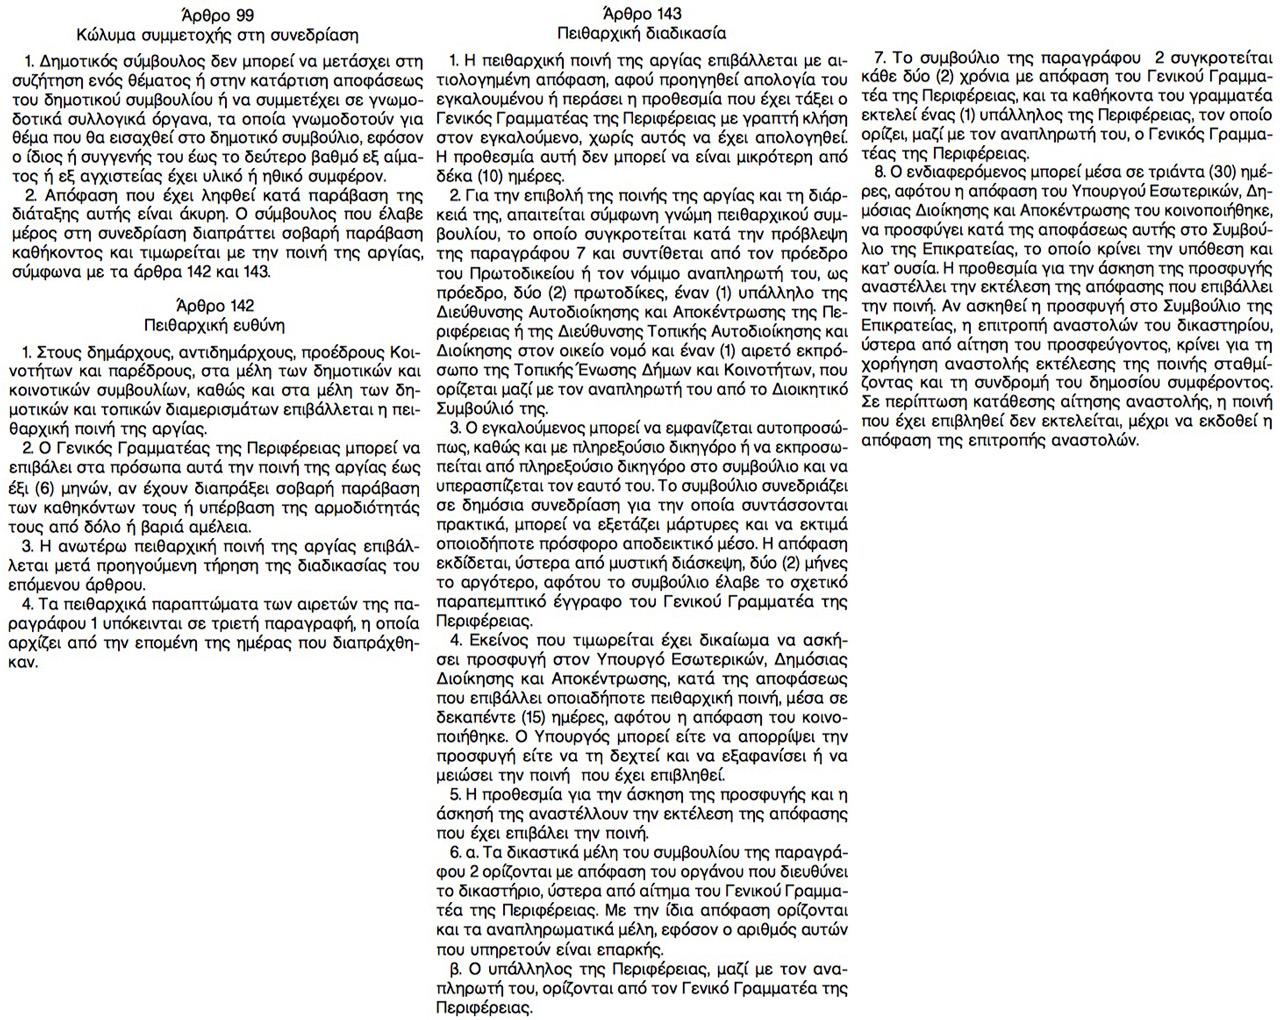 Άρθρα 99, 142 & 143 του Κώδικα Δήμων & Κοινοτήτων (Ν. 3463/2006)